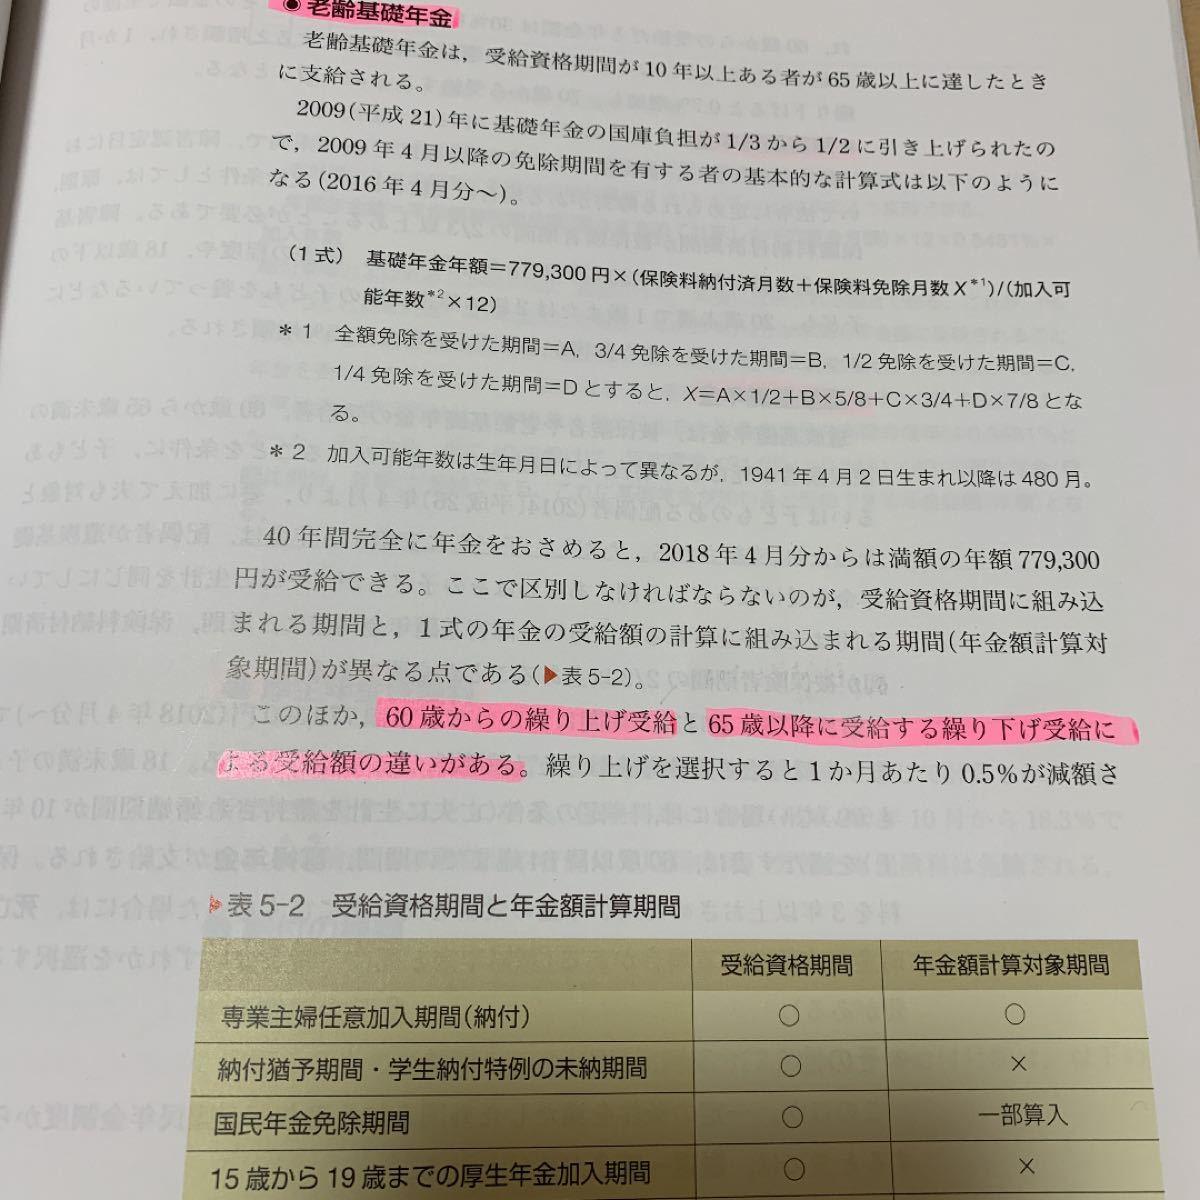 健康支援と社会保障制度[3] 社会保障・社会福祉 第20版